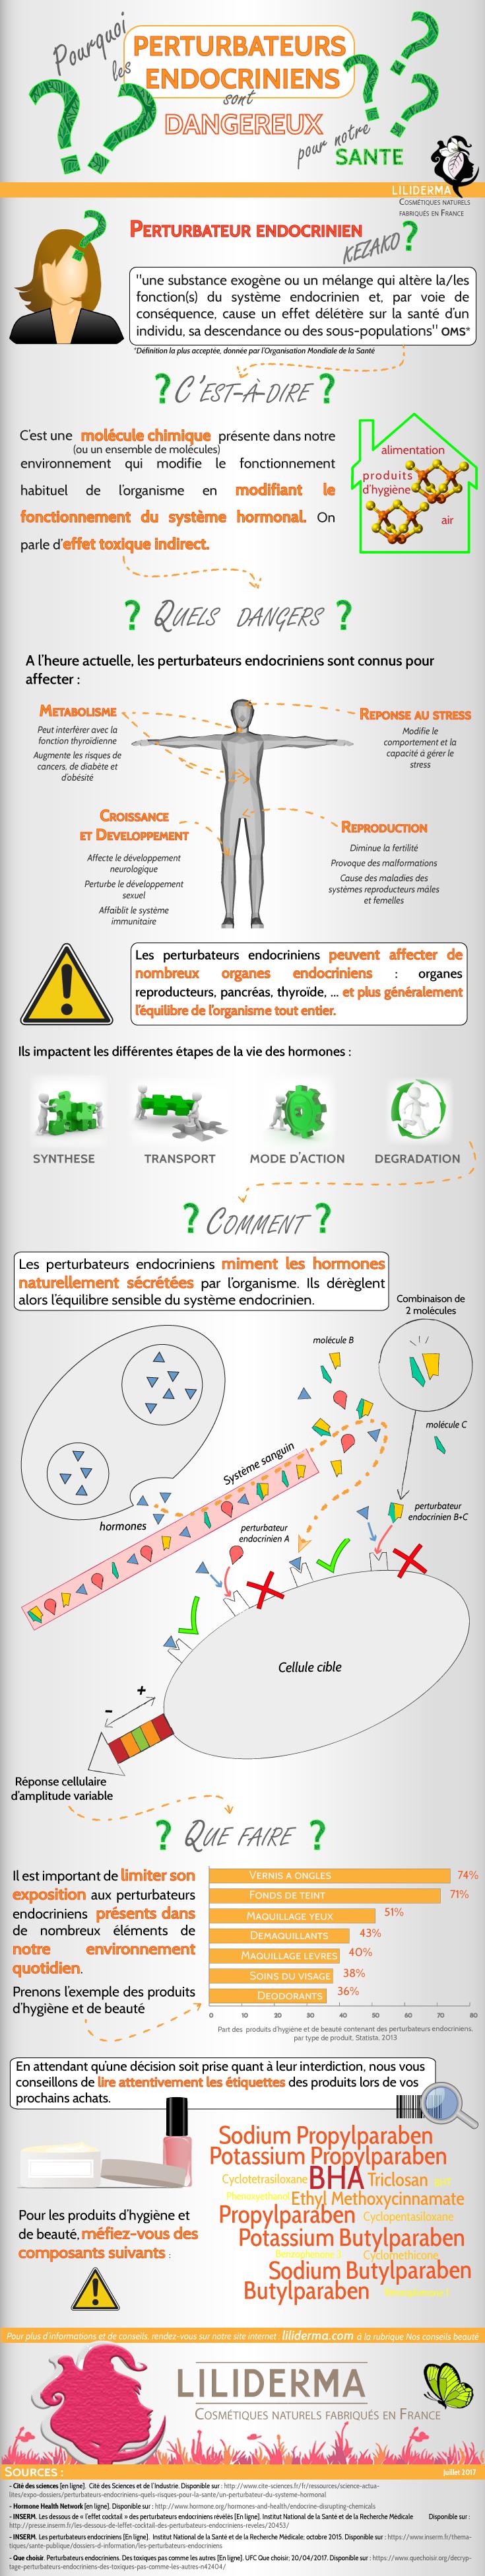 Infographie perturbateurs endocriniens produits cosmétiques